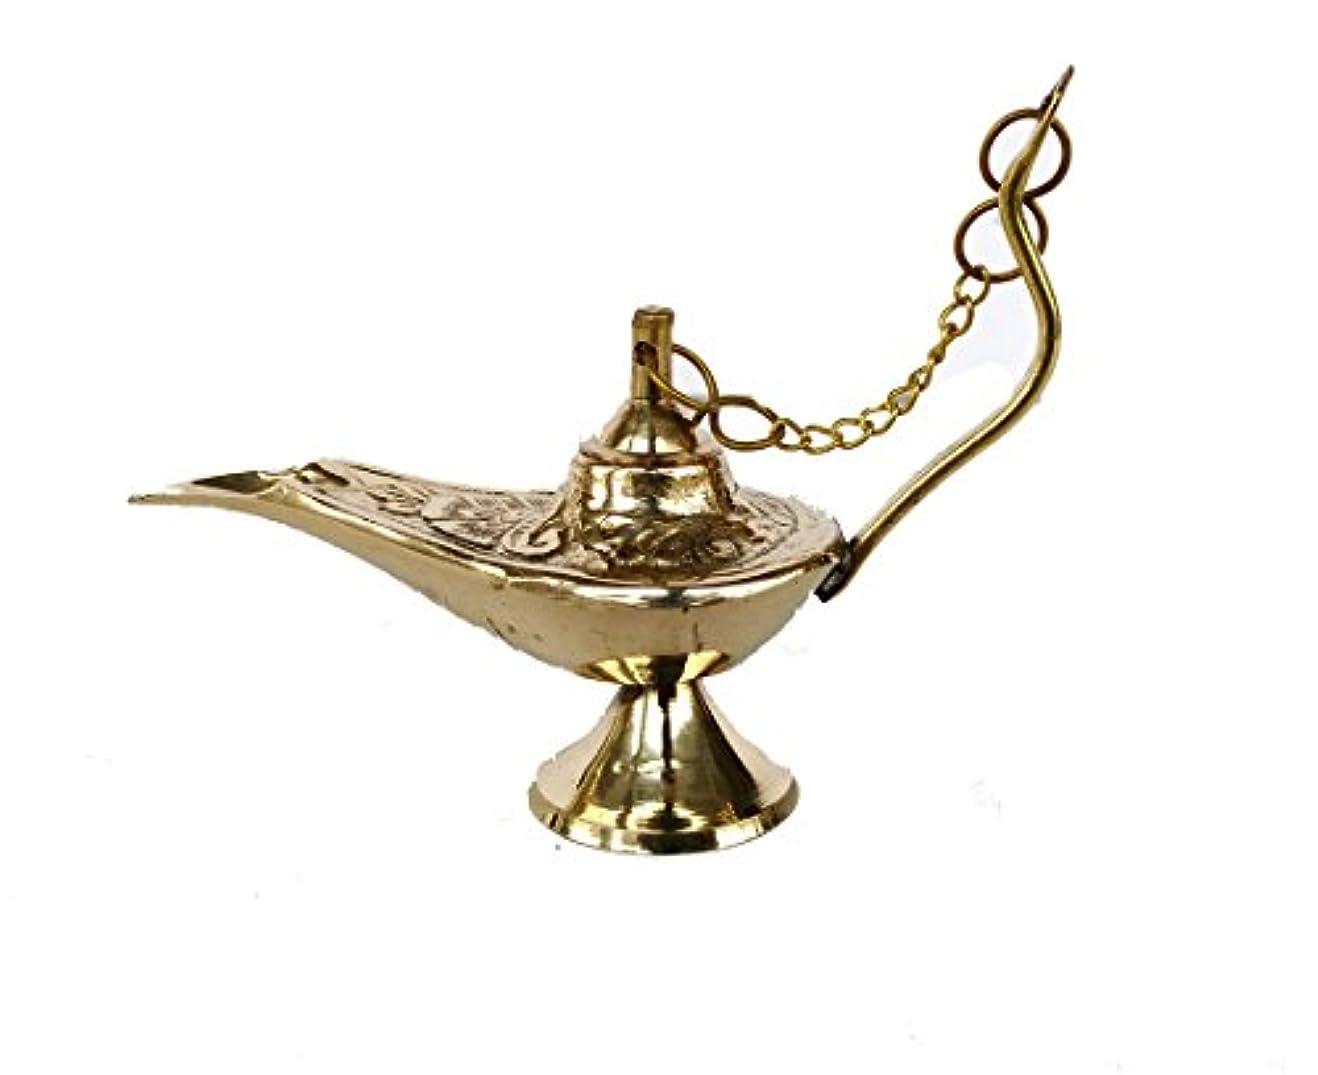 裁量面倒気候Rastogi Handicrafts真鍮Aladdin Genie Lamps Incense Burners Big and Smallサイズゴールデンカラーランプ 4 x 3 inch zfzfs